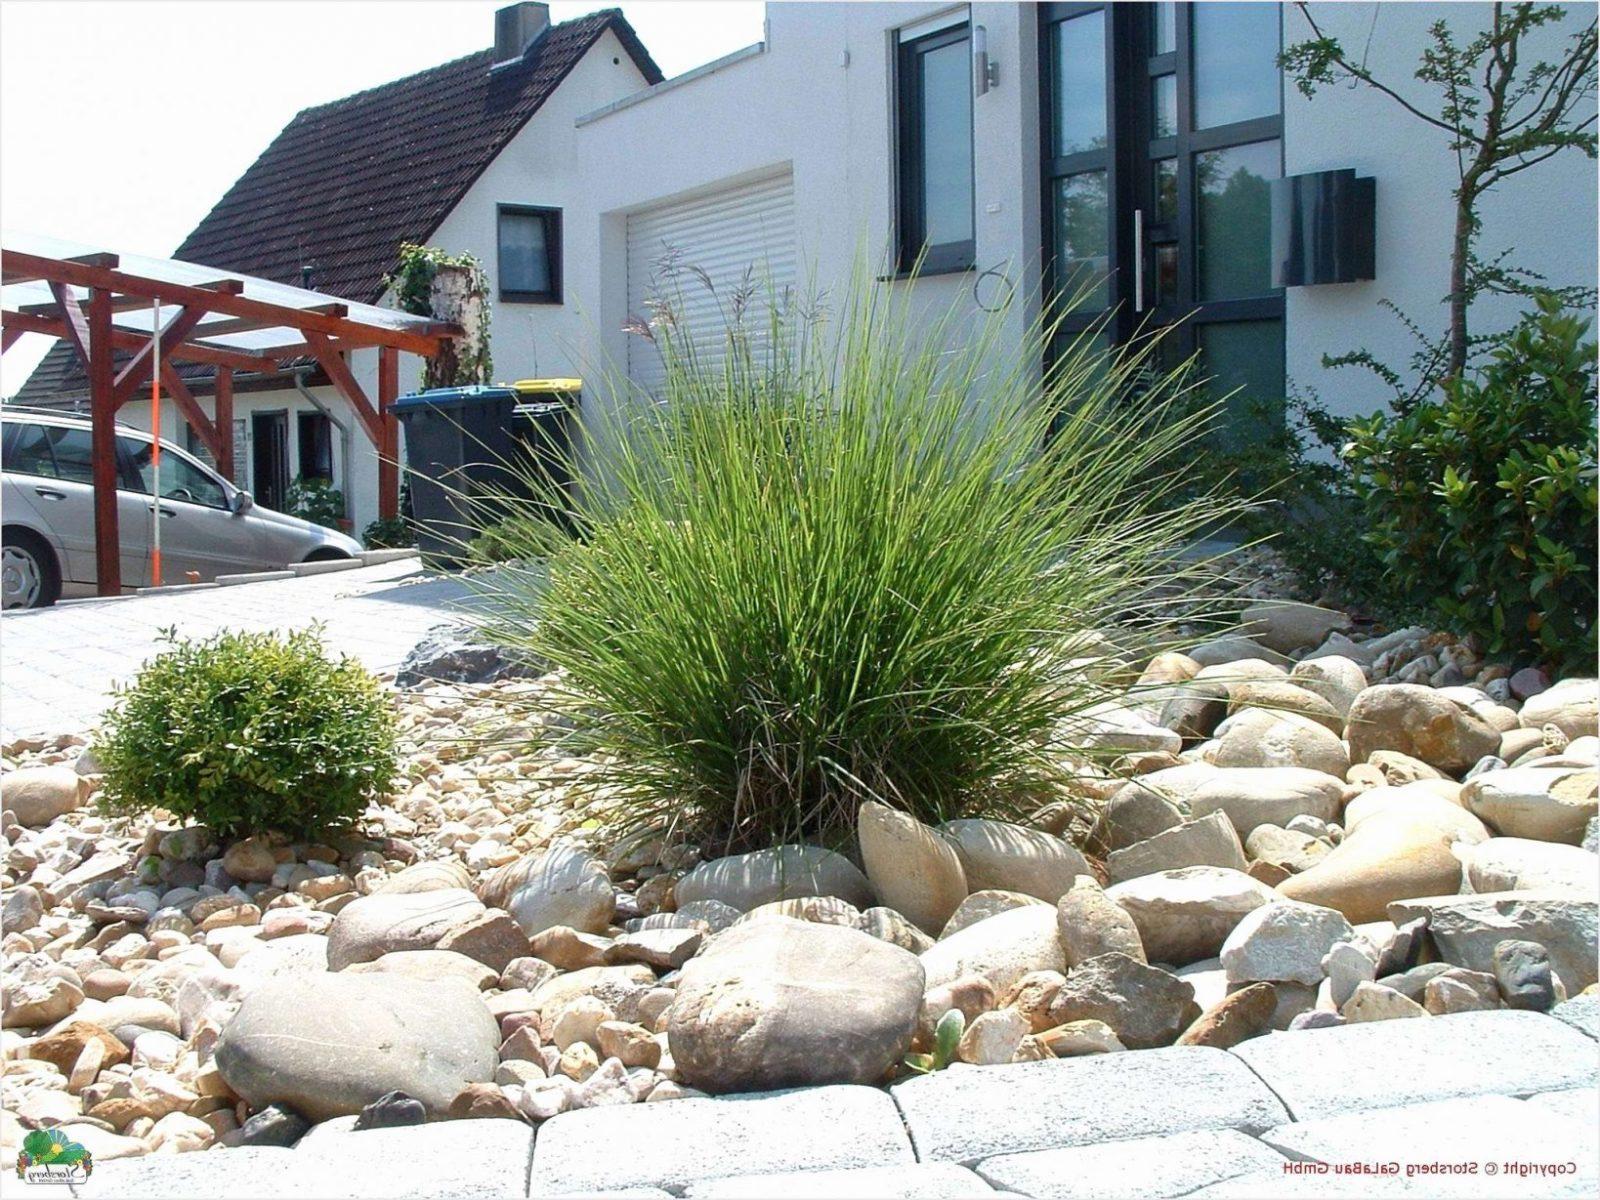 Gartengestaltung Mit Kies Bilder Schön Inspirierend Vorgarten Mit von Garten Mit Kies Bilder Bild